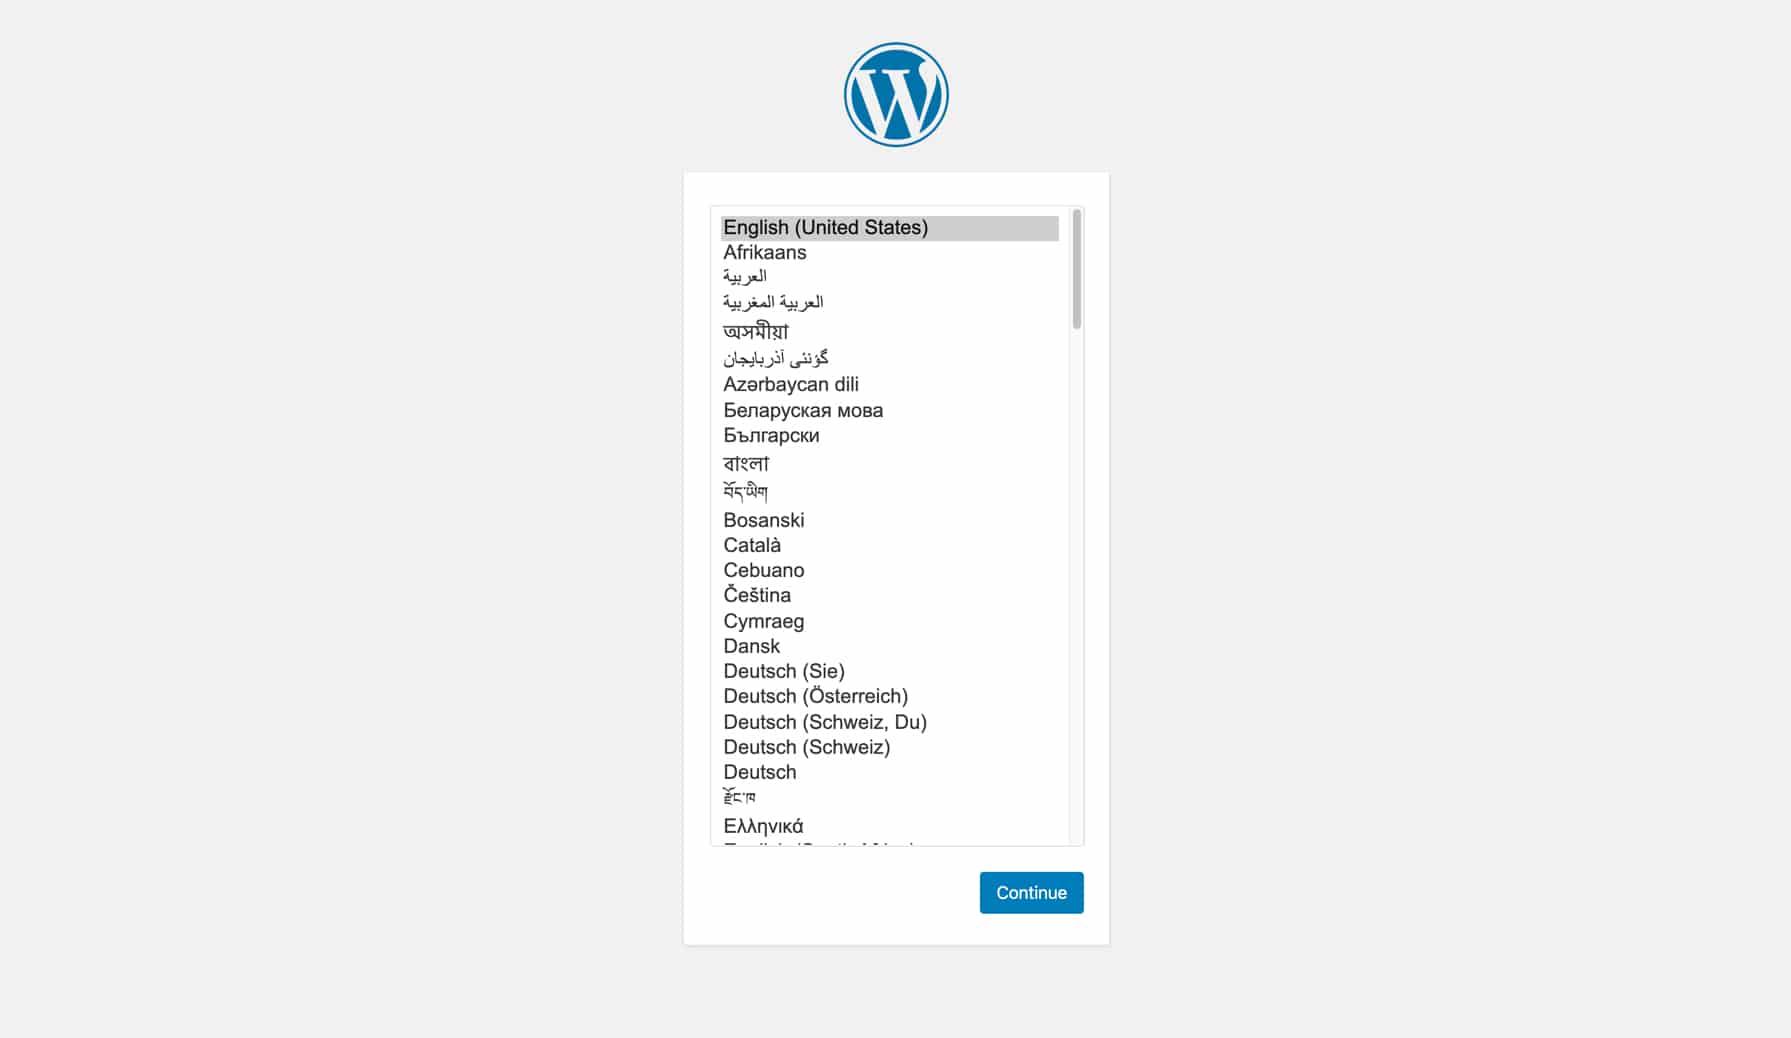 Konfiguriere die neue Installation von WordPress.